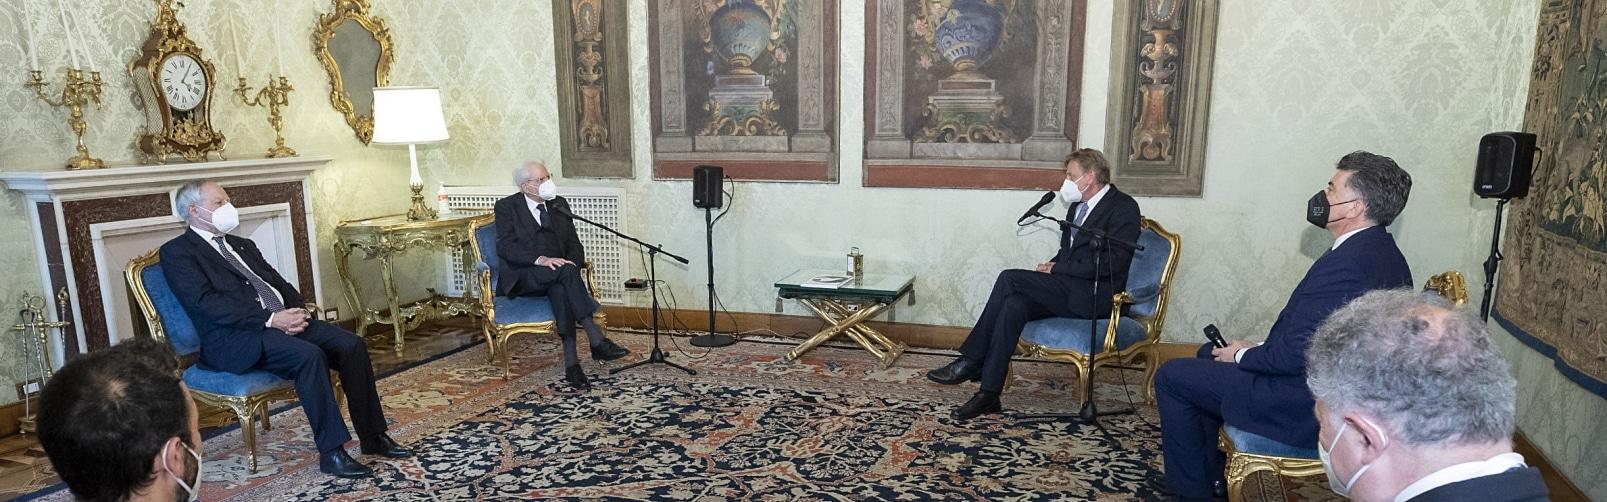 """Featured image for """"Il Presidente Mattarella ha ricevuto il Presidente della Fondazione Meeting per l'Amicizia fra i popoli, Scholz"""""""